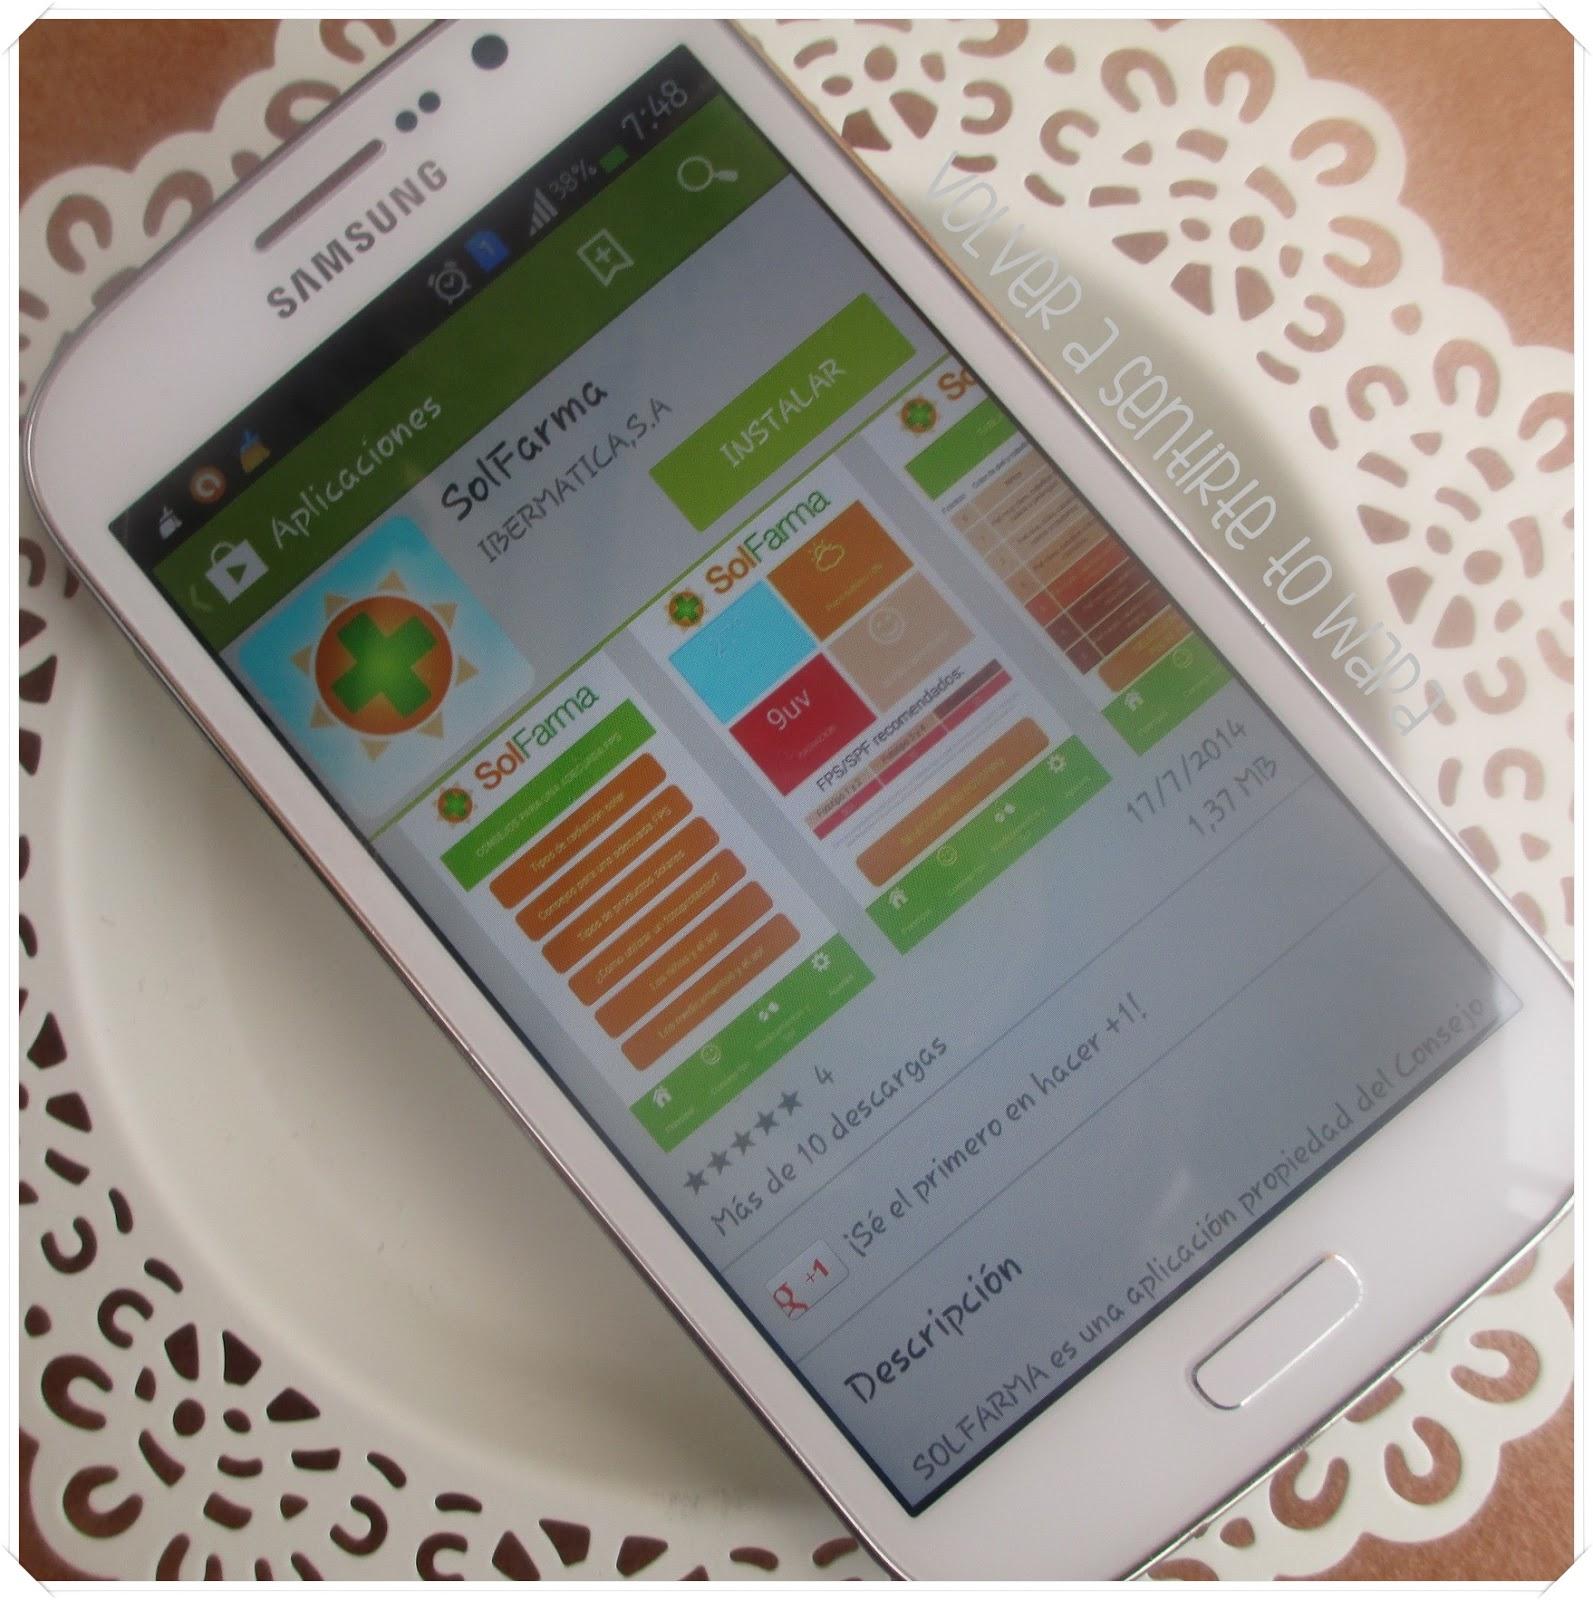 Solfarma - app de protección solar